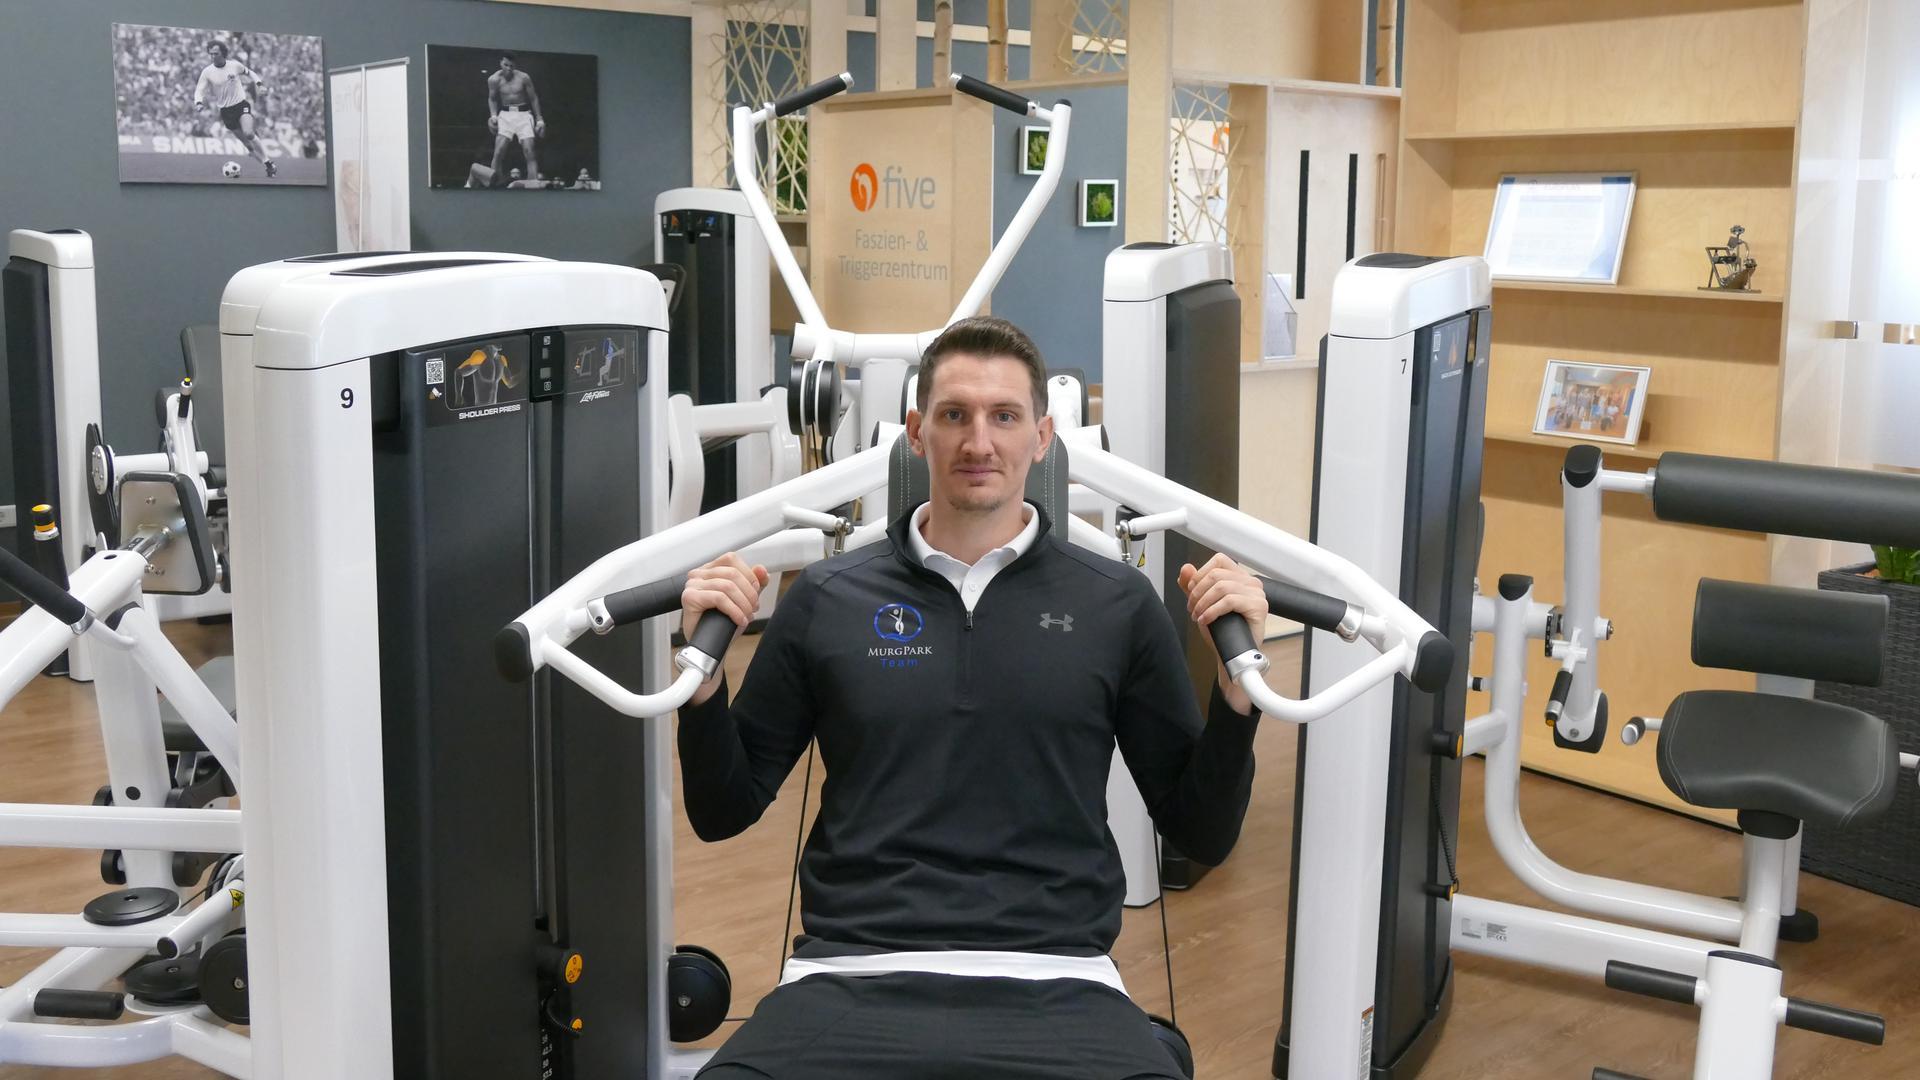 Für Matthias Bohn vom MurgPark Fitness und Gesundheit in Kuppenheim ist es wichtig den Kontakt zu den Mitgliedern zu halten. Über Social Media oder per E-Mail gibt er Fitnesstipps.